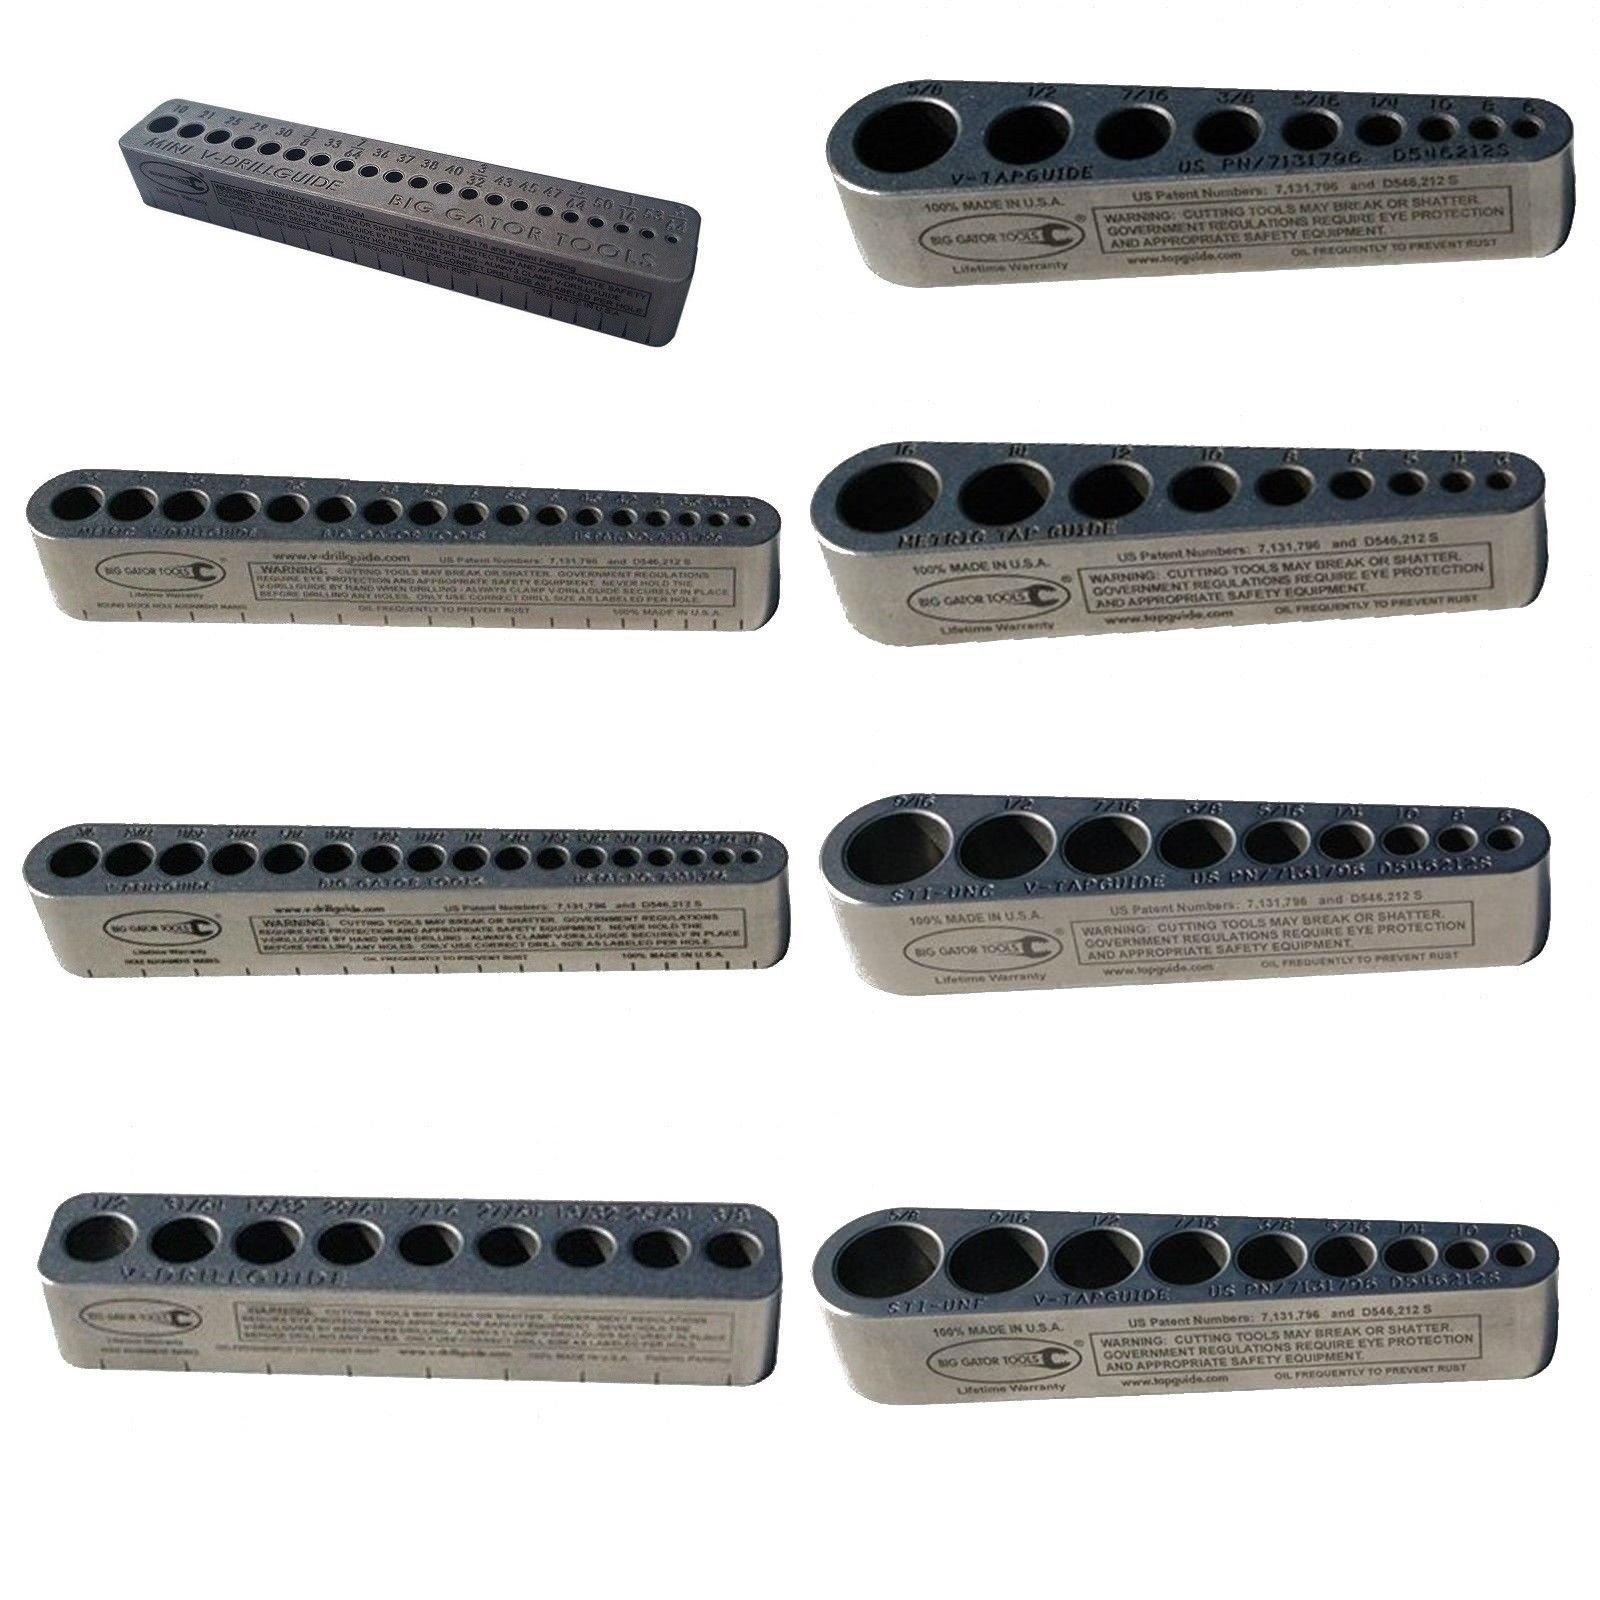 APT/Big Gator Tools V-8 Pack V-Tap + V-Drill Guides - Complete Tool Set of 8 Guides